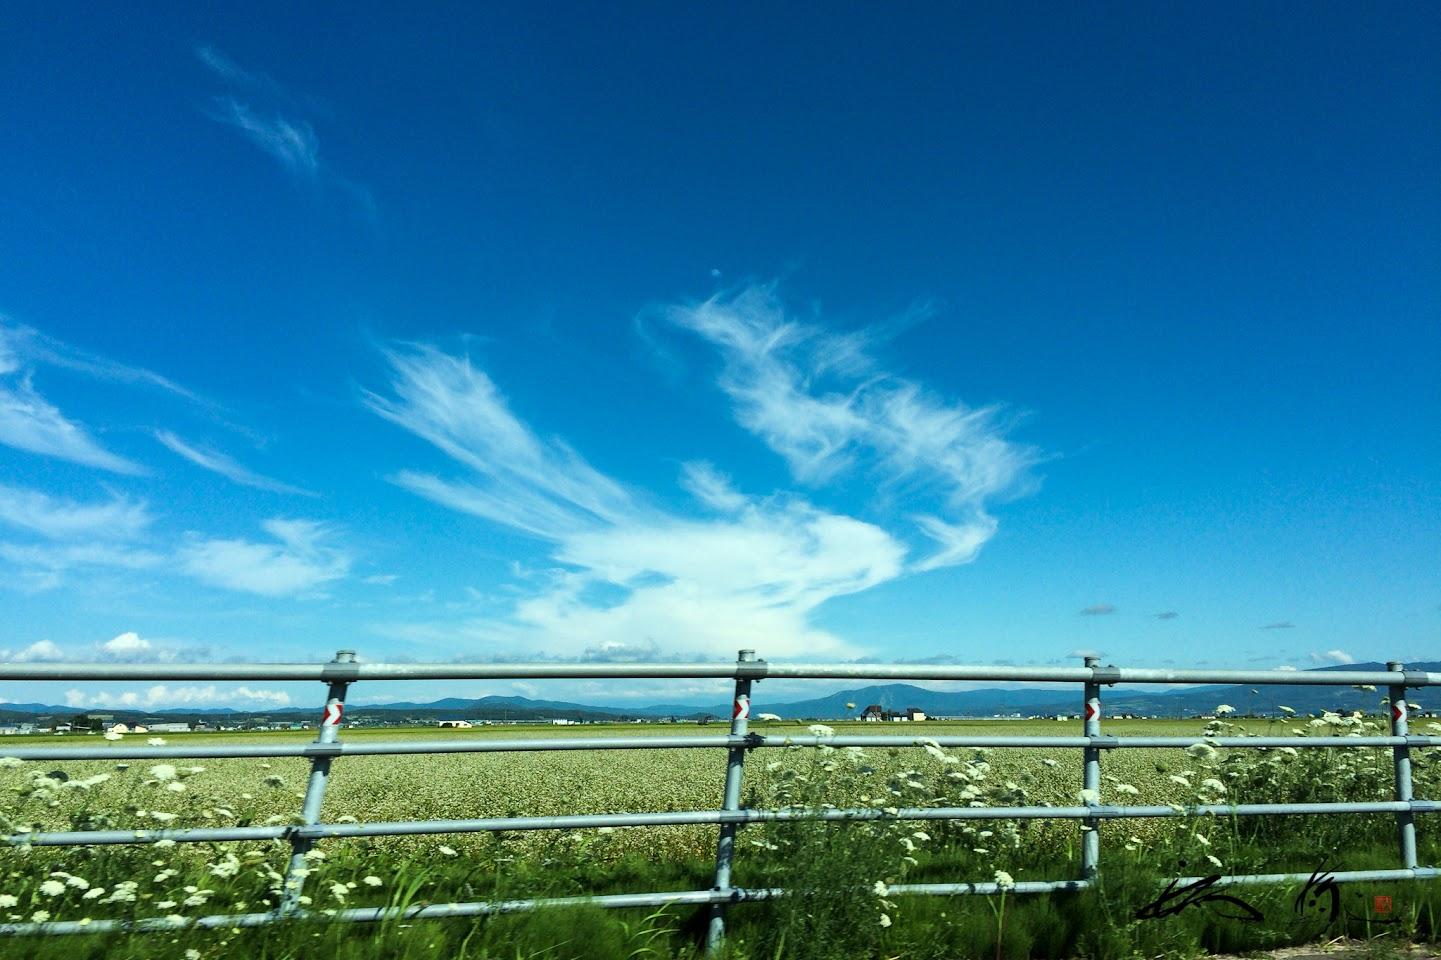 青空に広がる薄雲